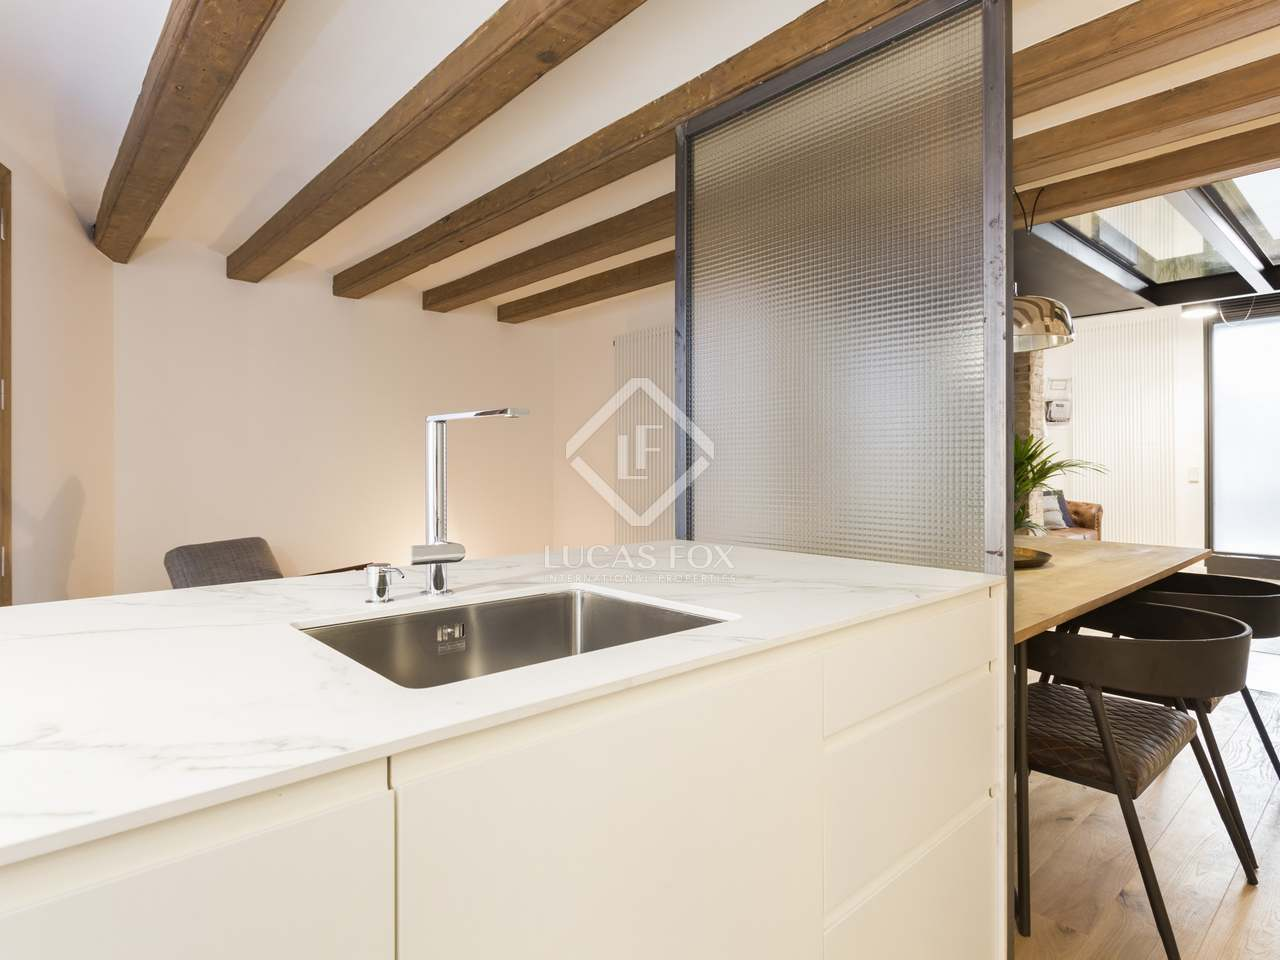 140m wohnung mit 13m terrasse zum verkauf in sant antoni. Black Bedroom Furniture Sets. Home Design Ideas